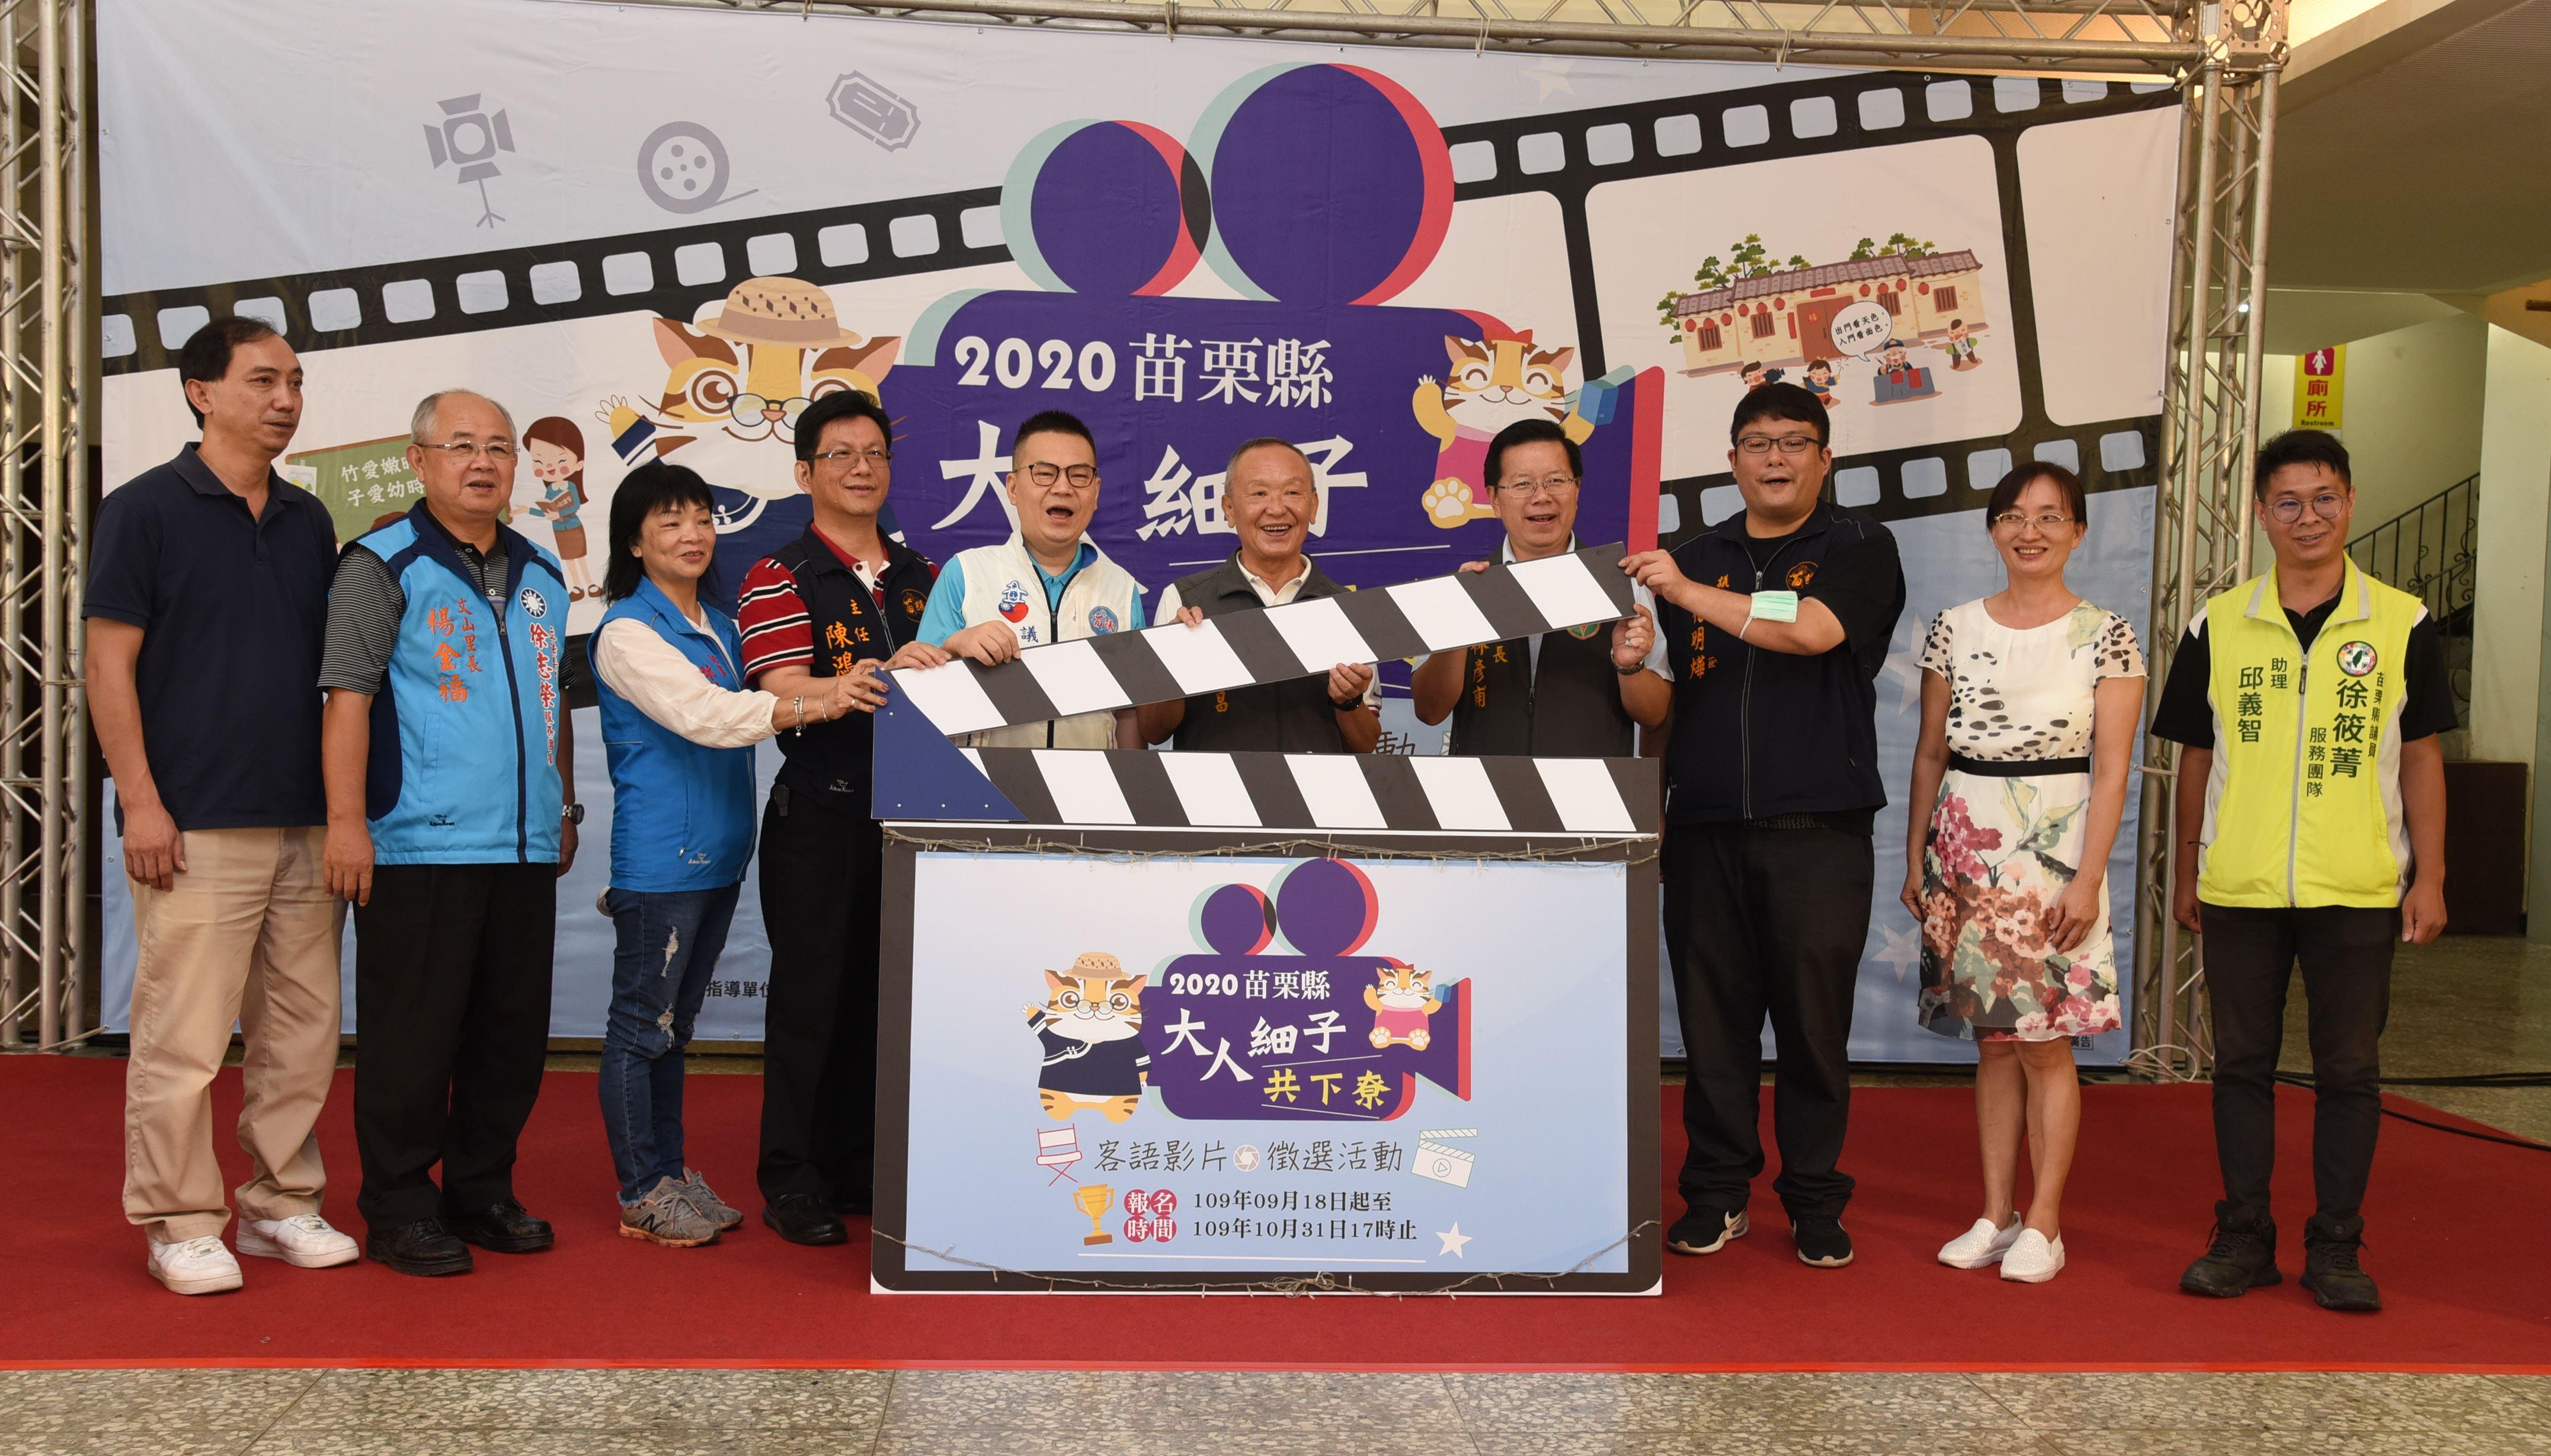 縣長徐耀昌與來賓共同啟動客語影片徵選